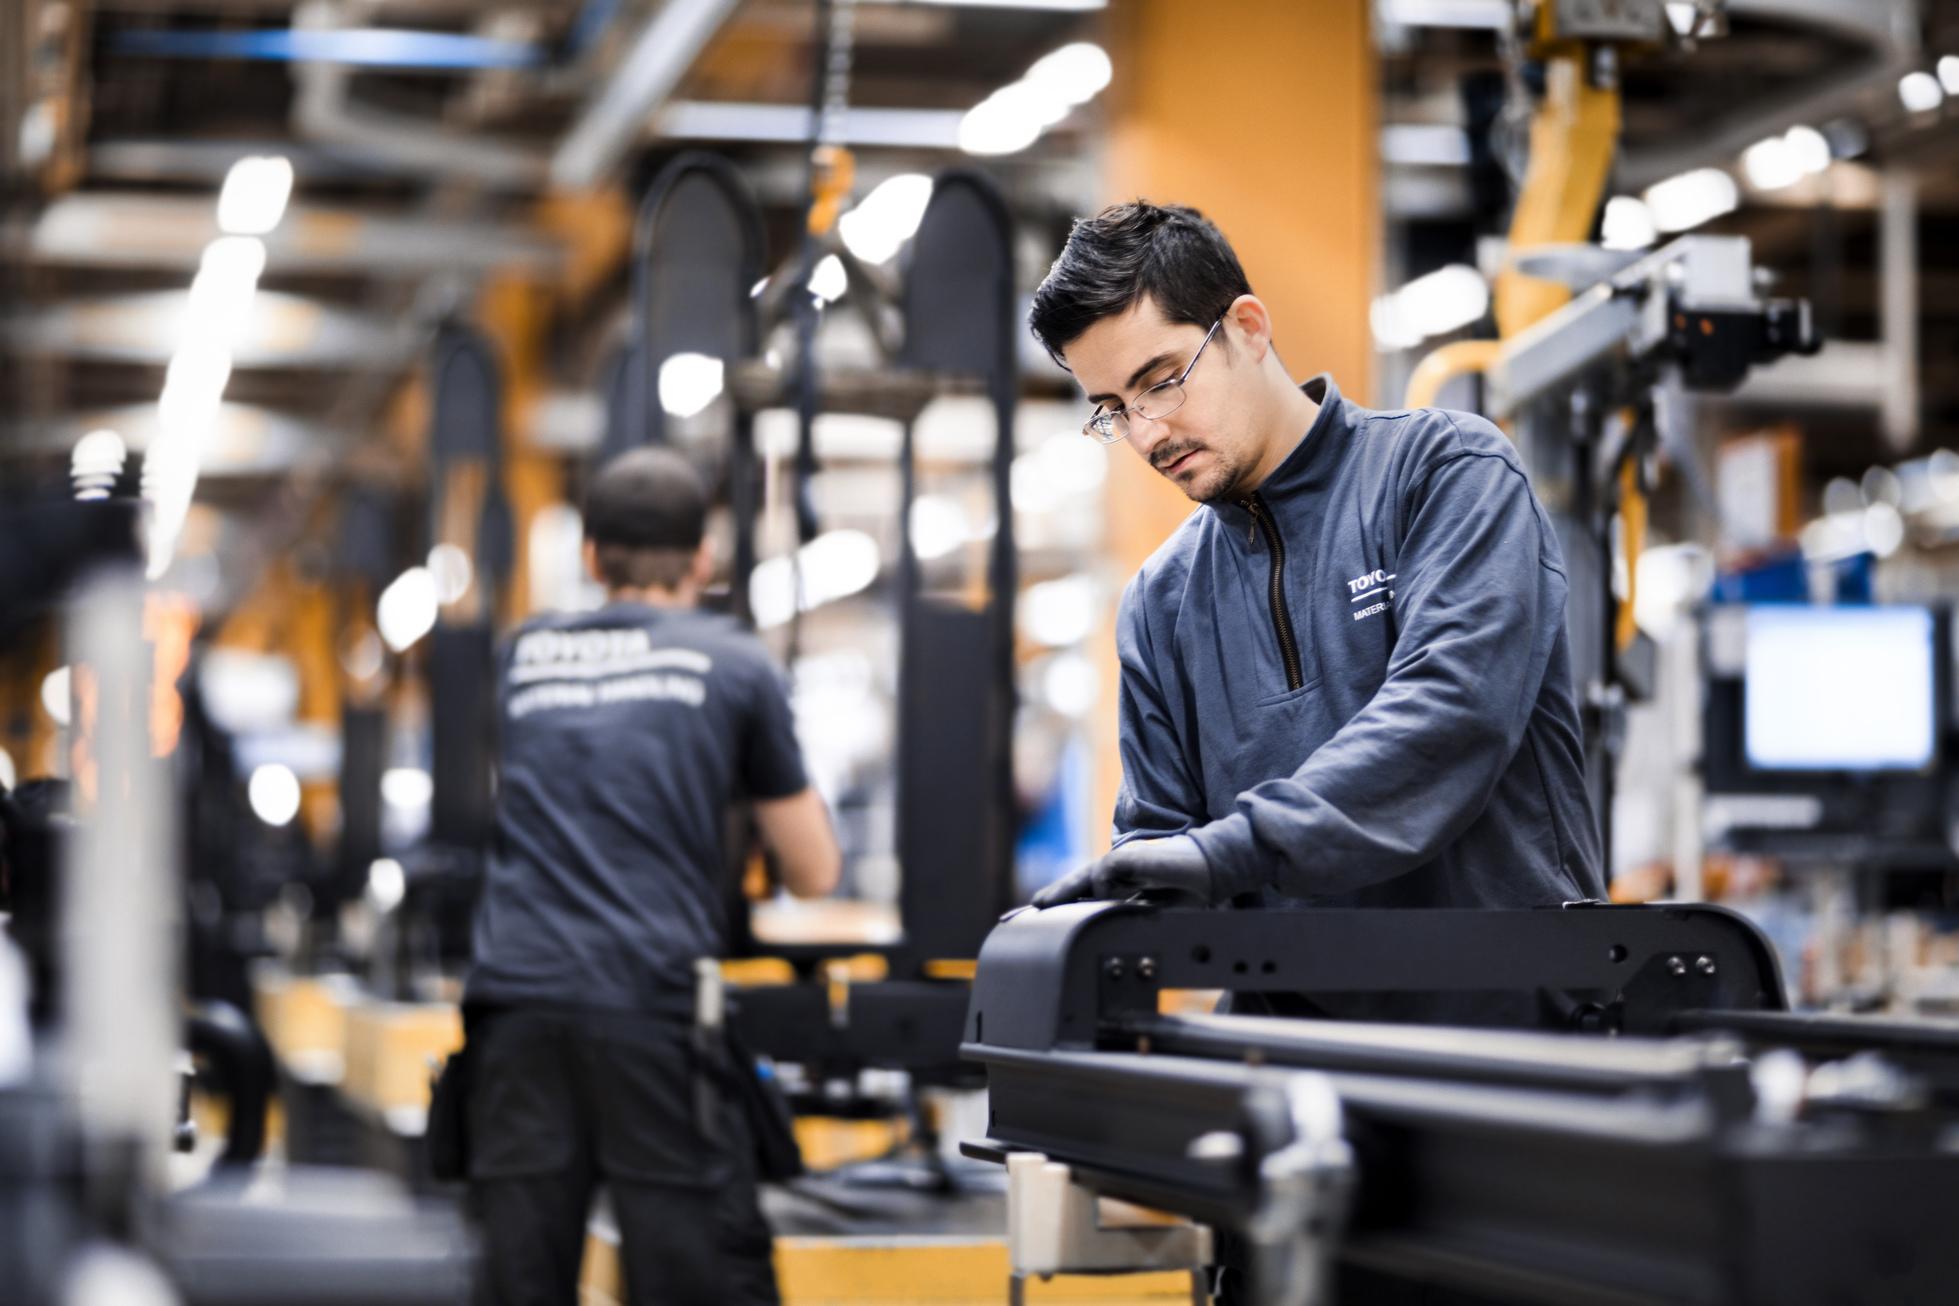 Equipo técnico en la planta de producción de Mjolby